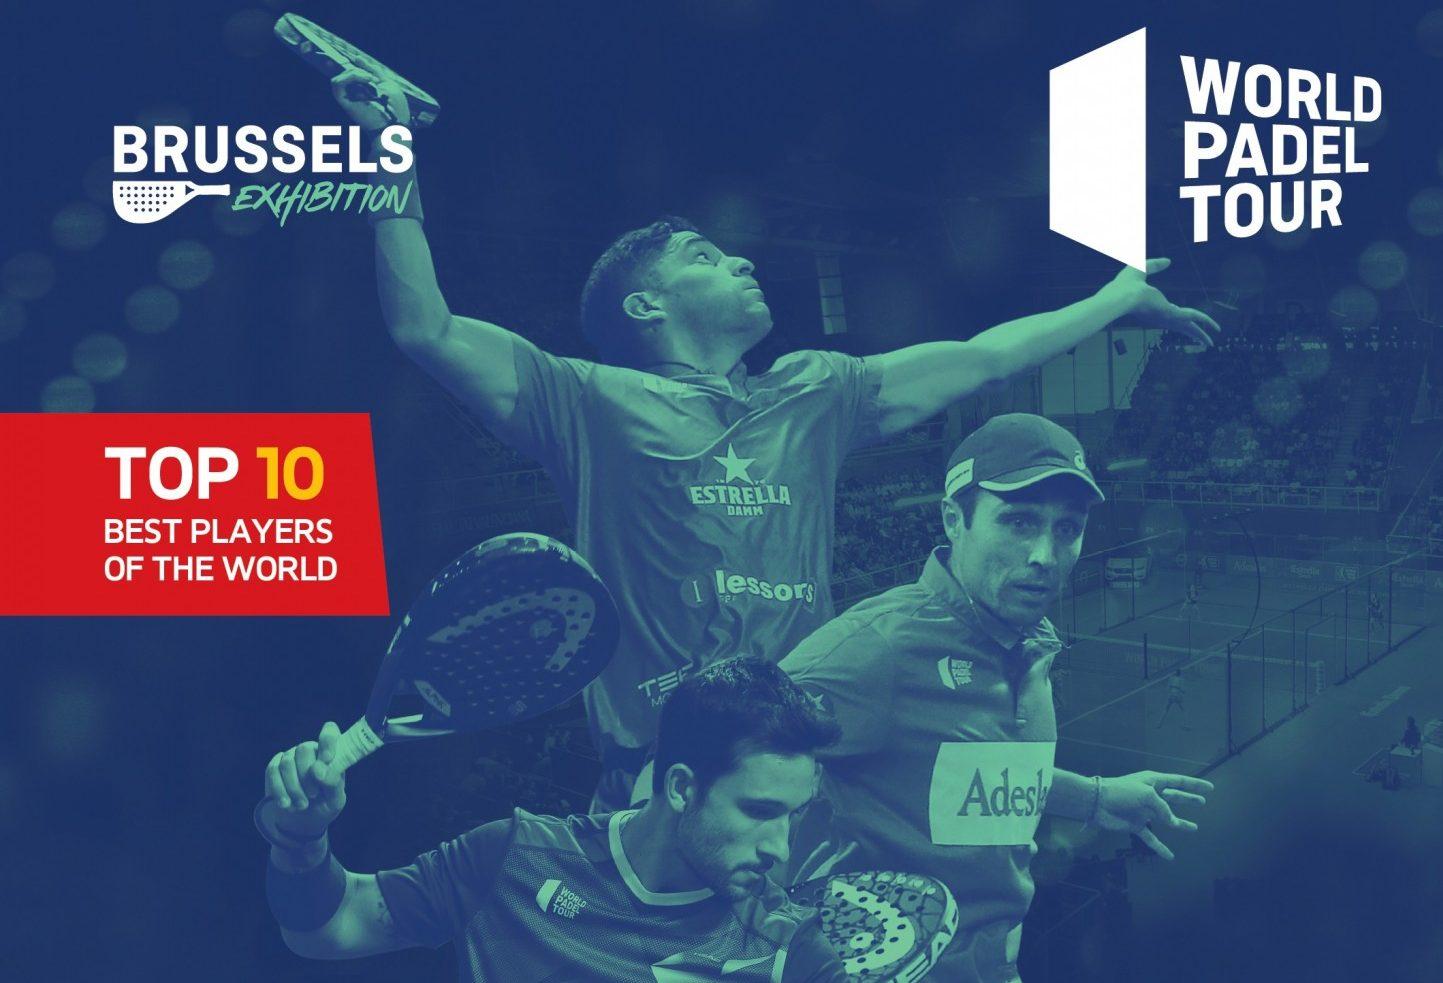 WPT Exhibition Bruxelles : Le top départ est lancé !